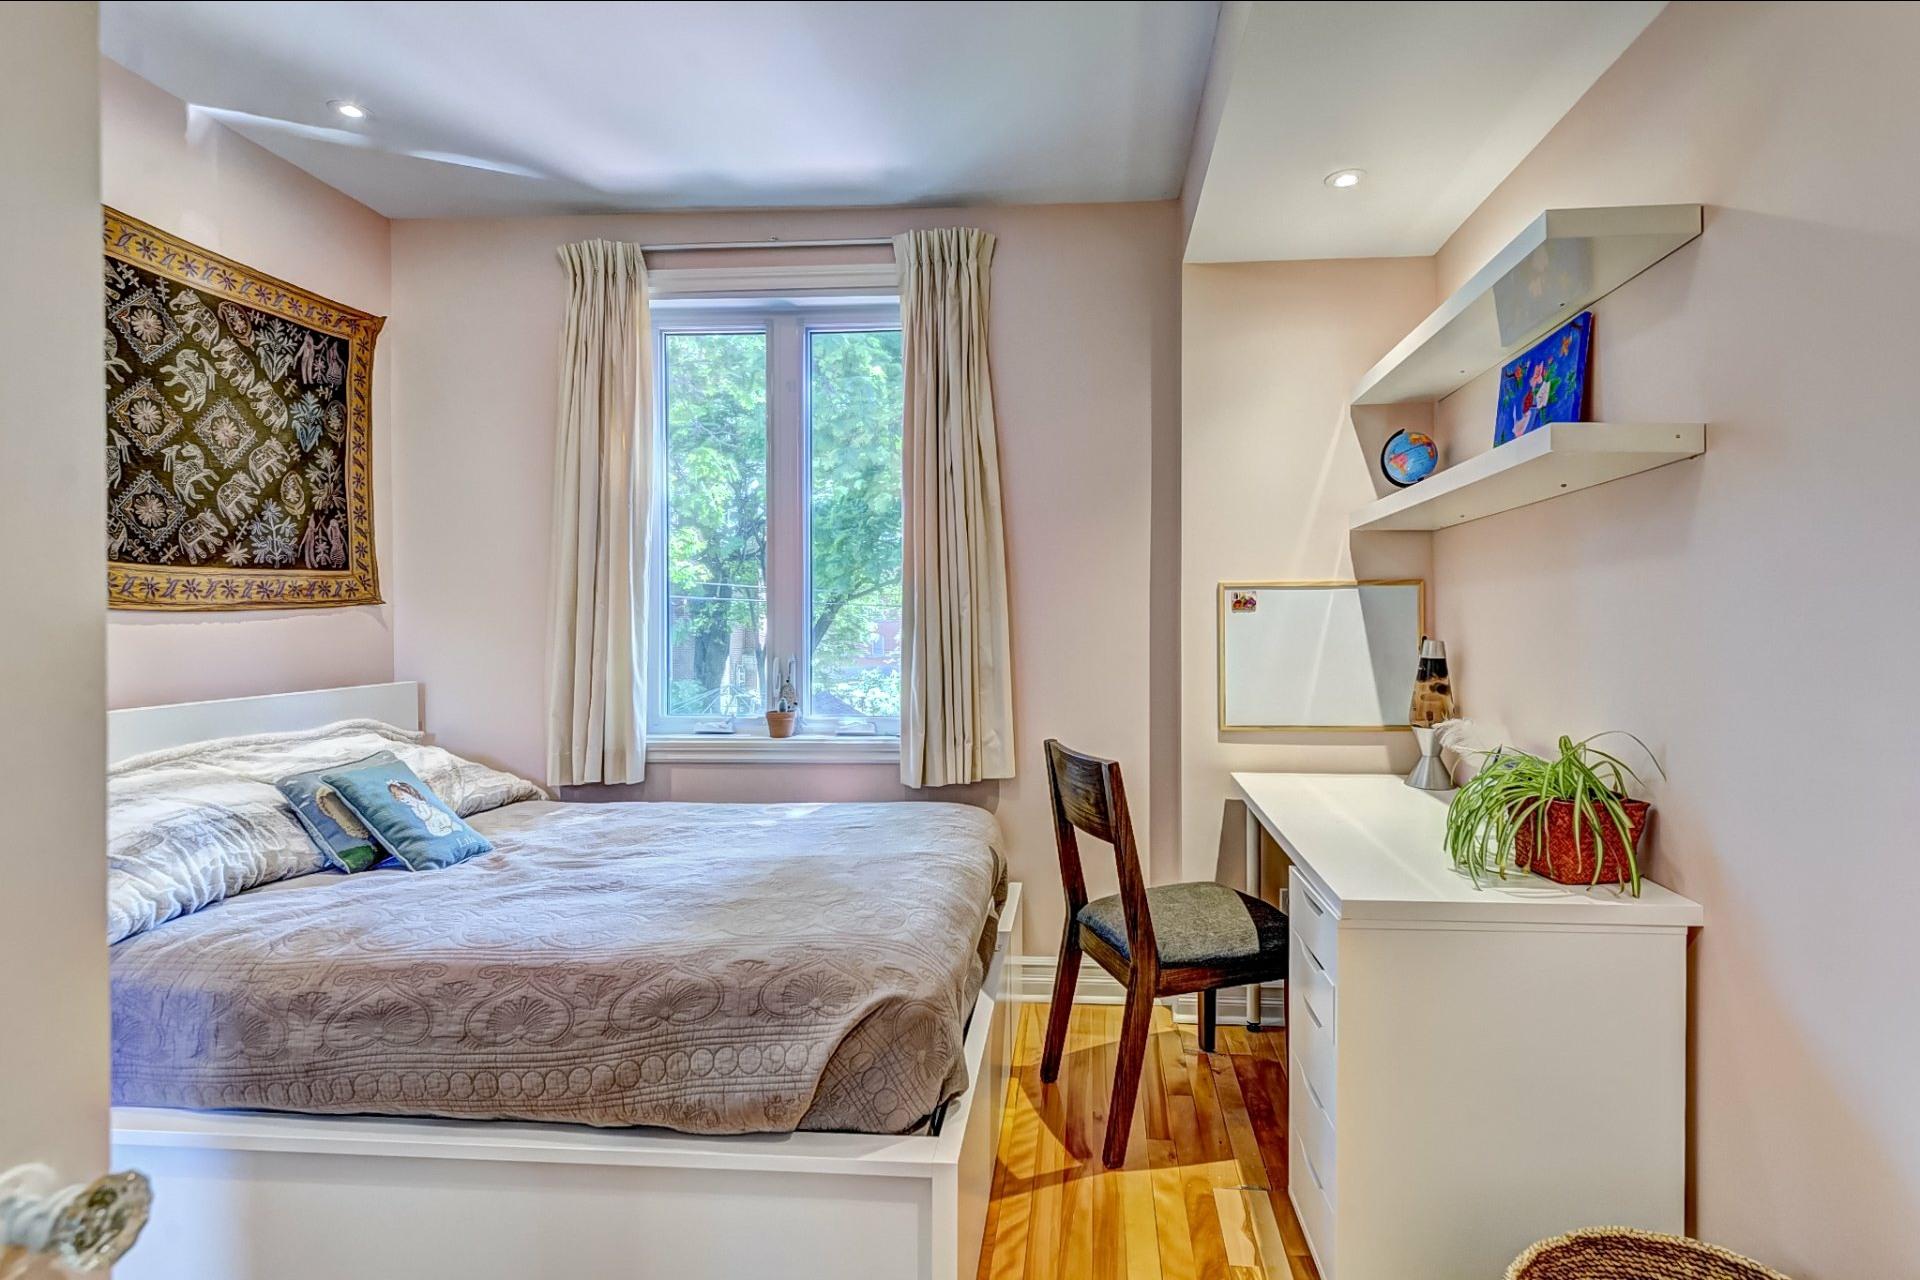 image 19 - House For sale Côte-des-Neiges/Notre-Dame-de-Grâce Montréal  - 7 rooms